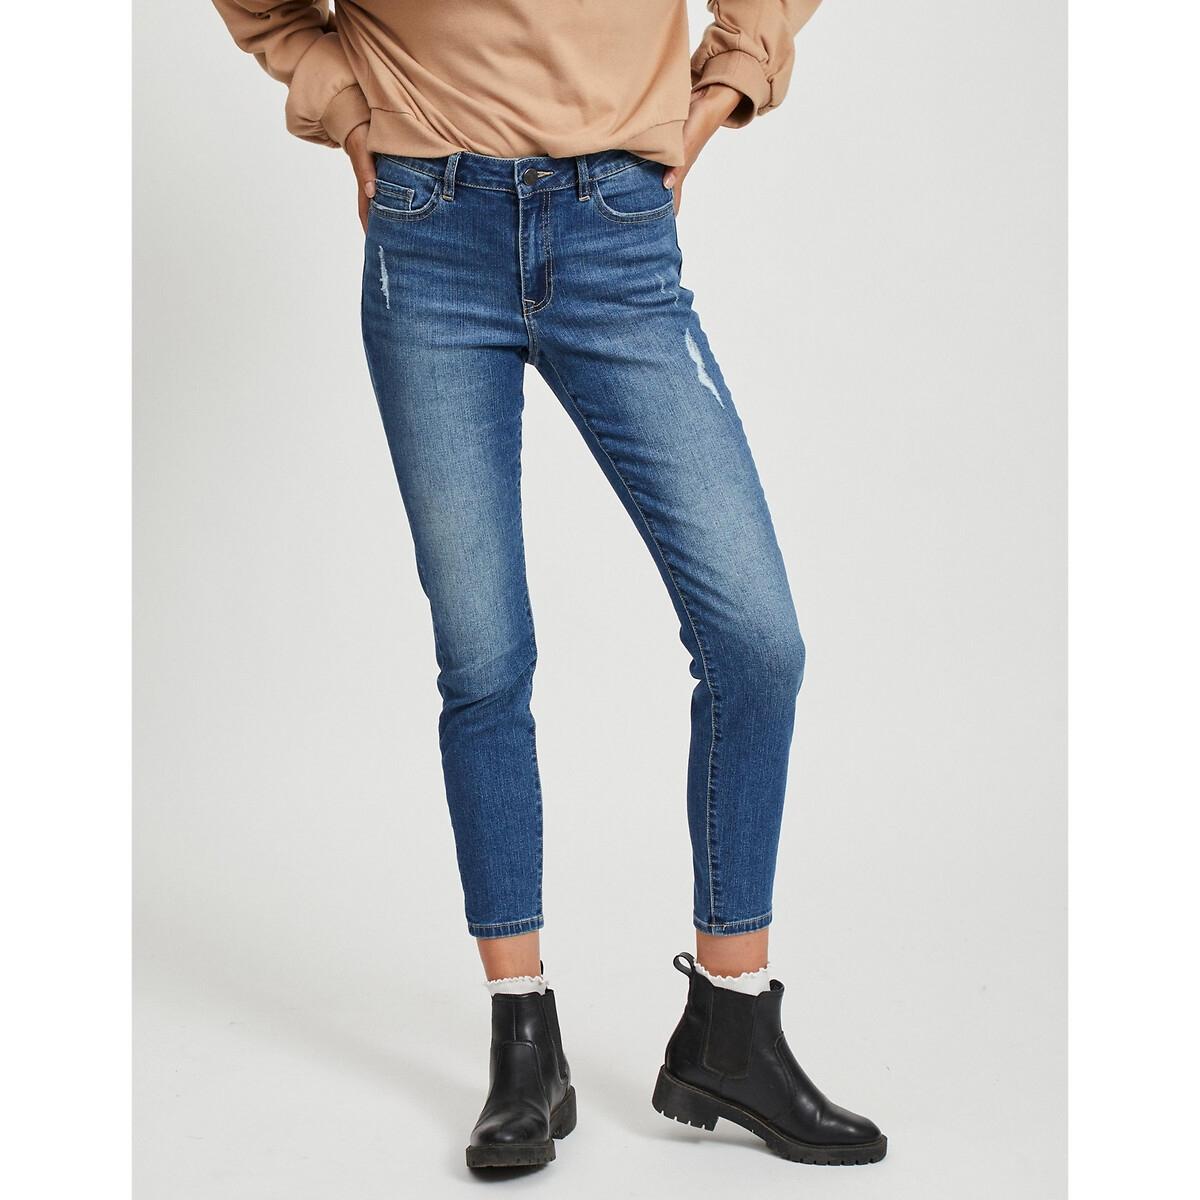 Фото - Джинсы-скинни LaRedoute Высокий пояс XS синий джинсы laredoute скинни длина 30 s черный